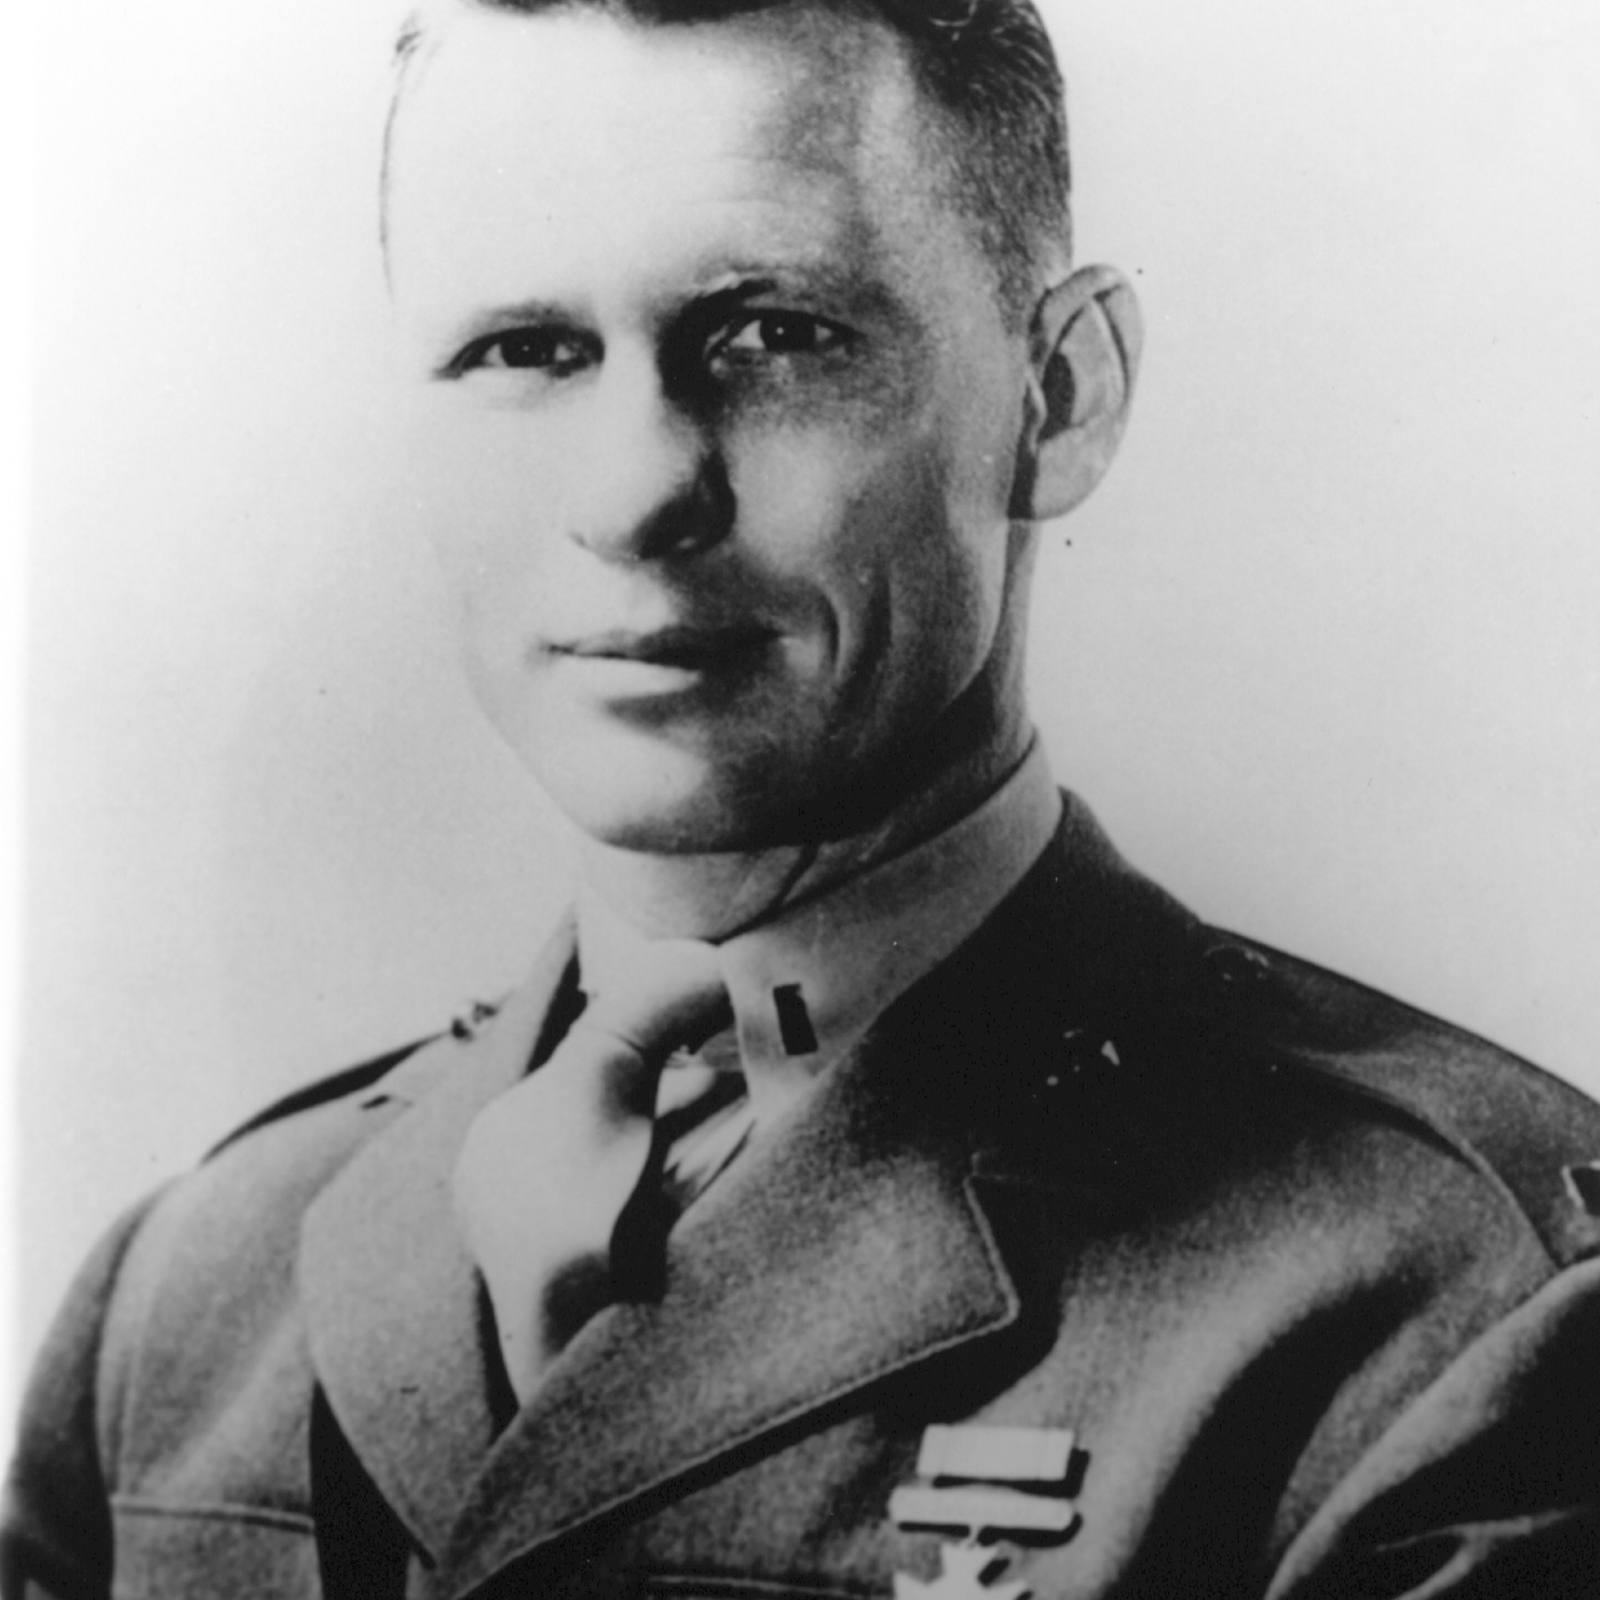 Jack Lummus in uniform